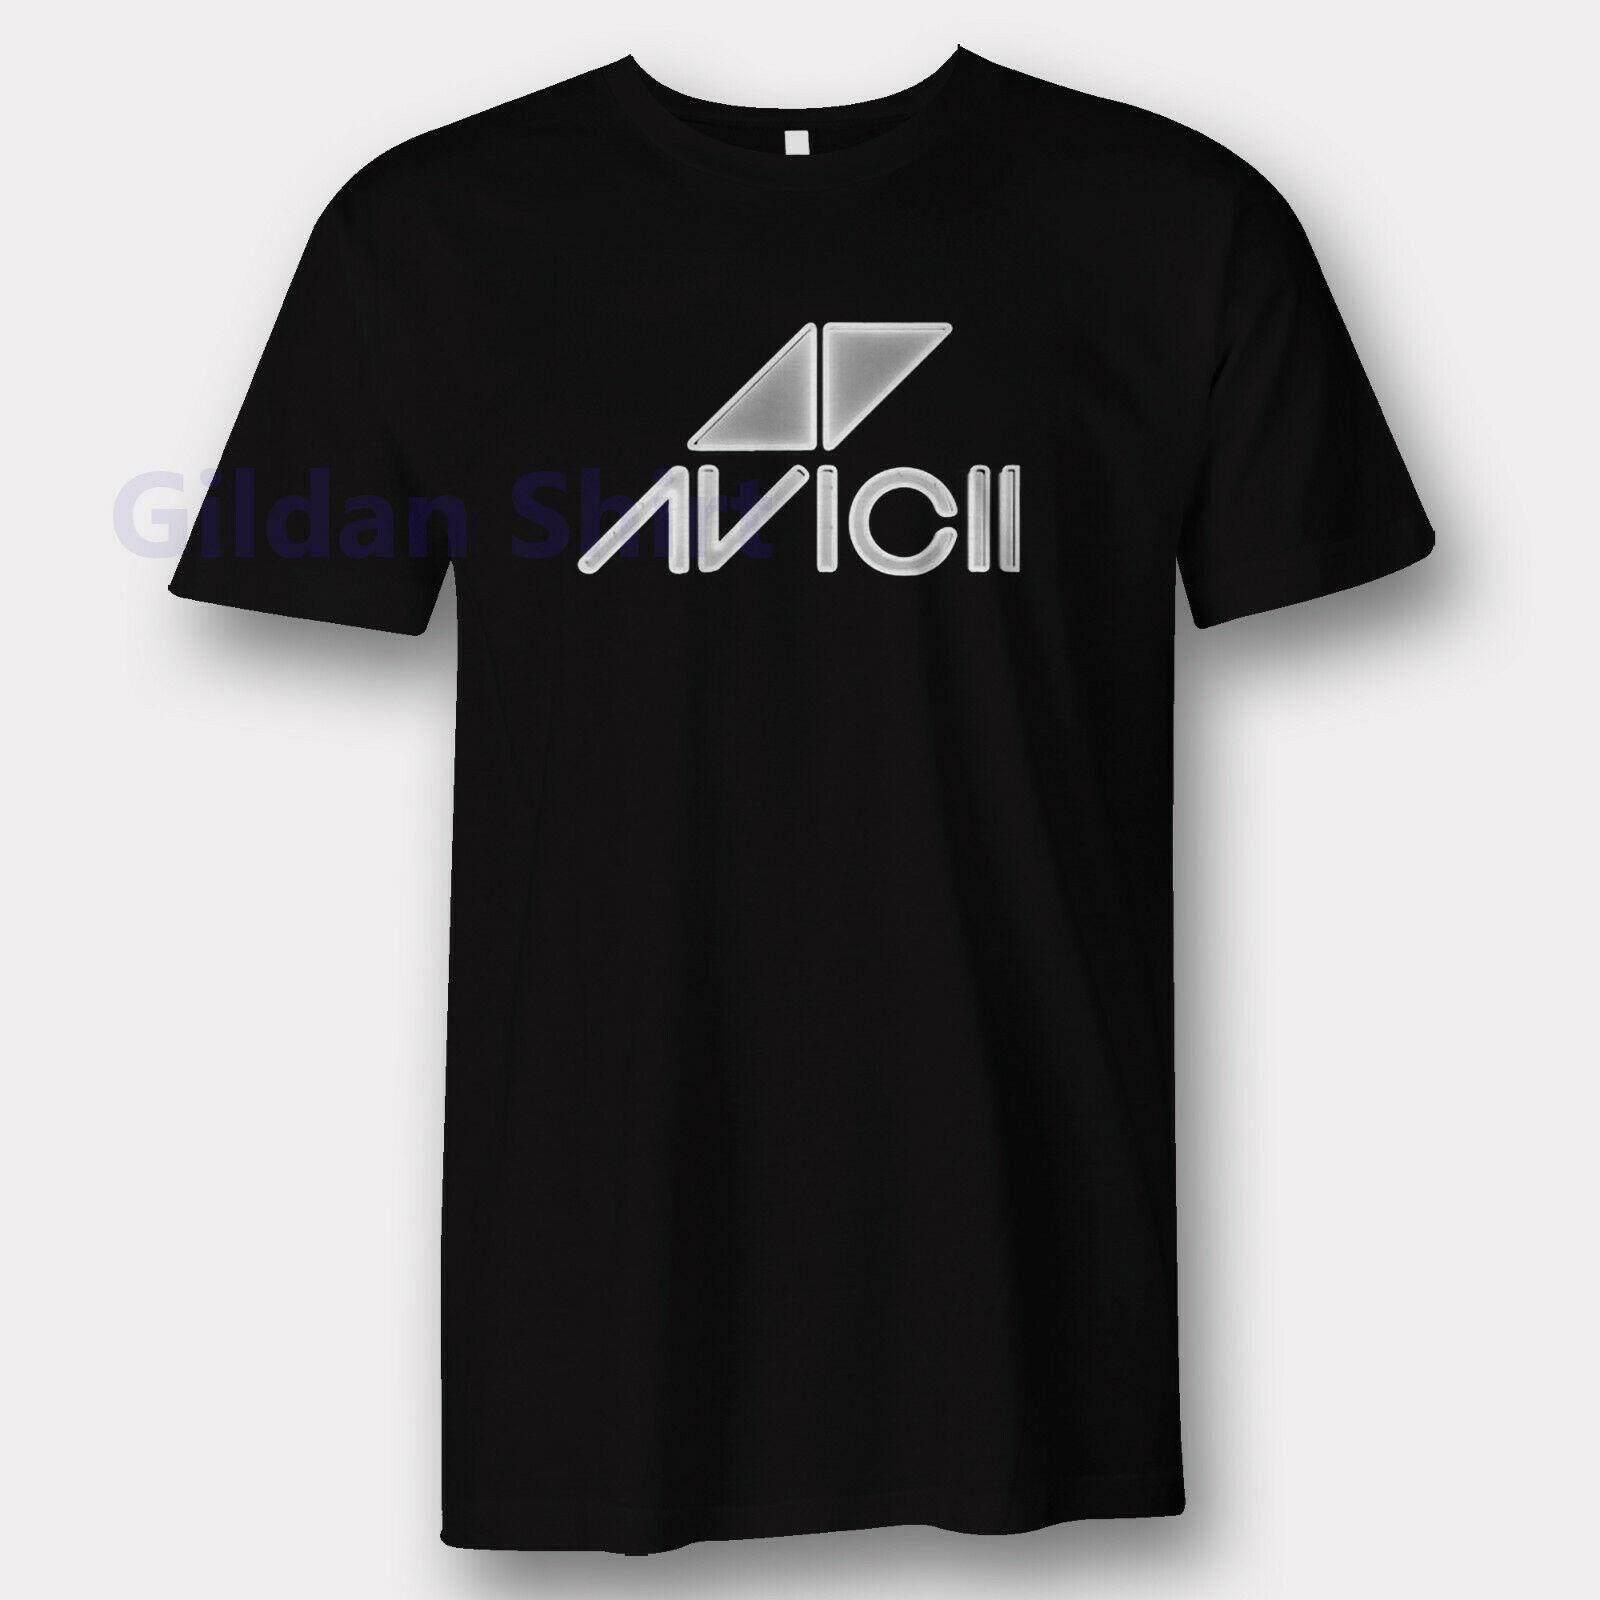 6e33be13 New men's t-shirt DJ Avici House Music Remix Tee Logo T Shirt